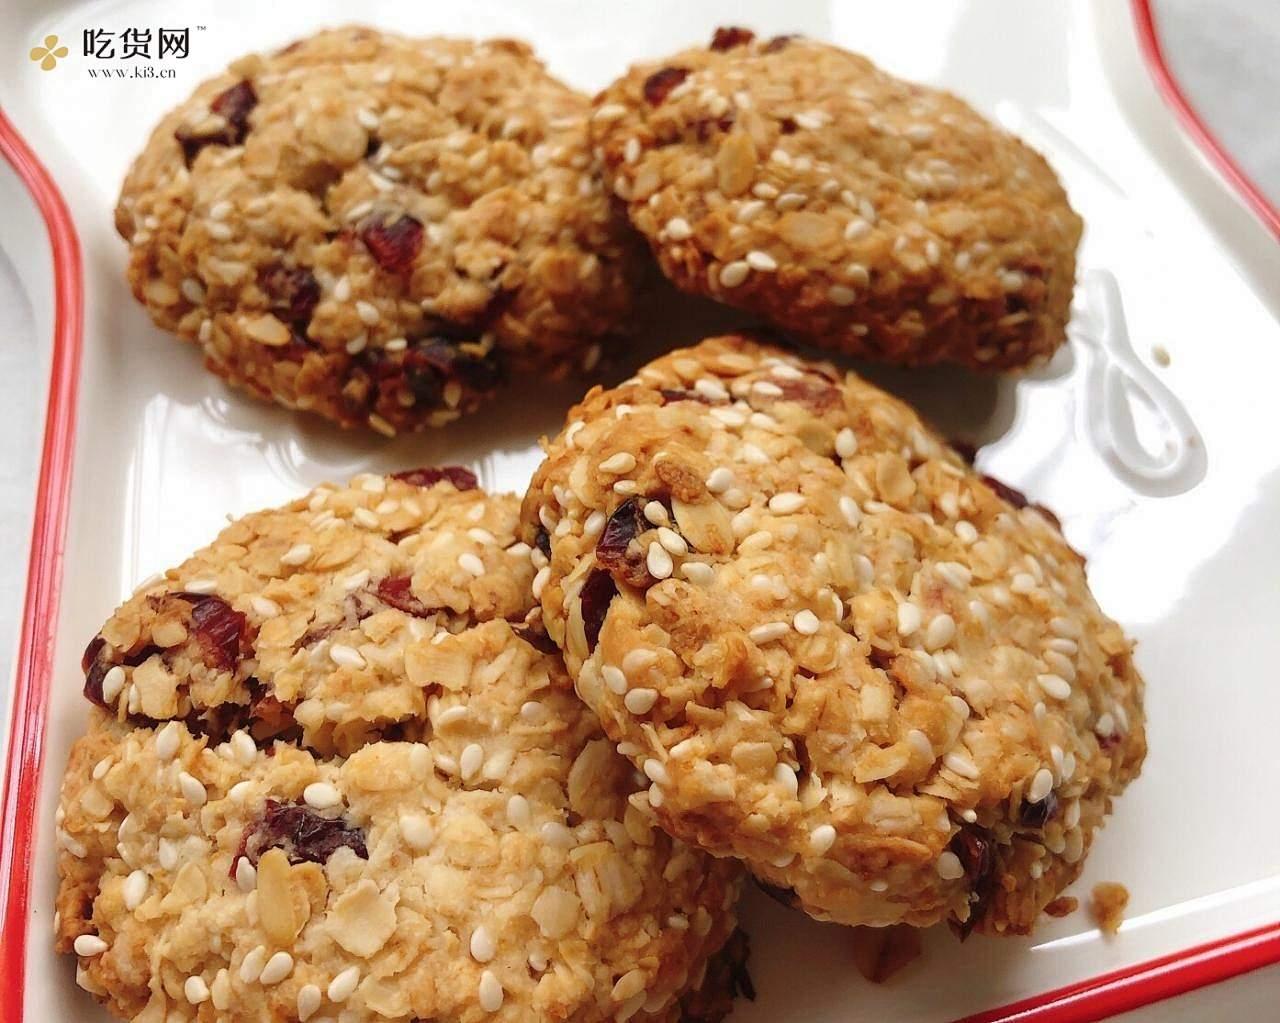 低卡零食 蜂蜜柠檬燕麦饼干的做法 步骤8